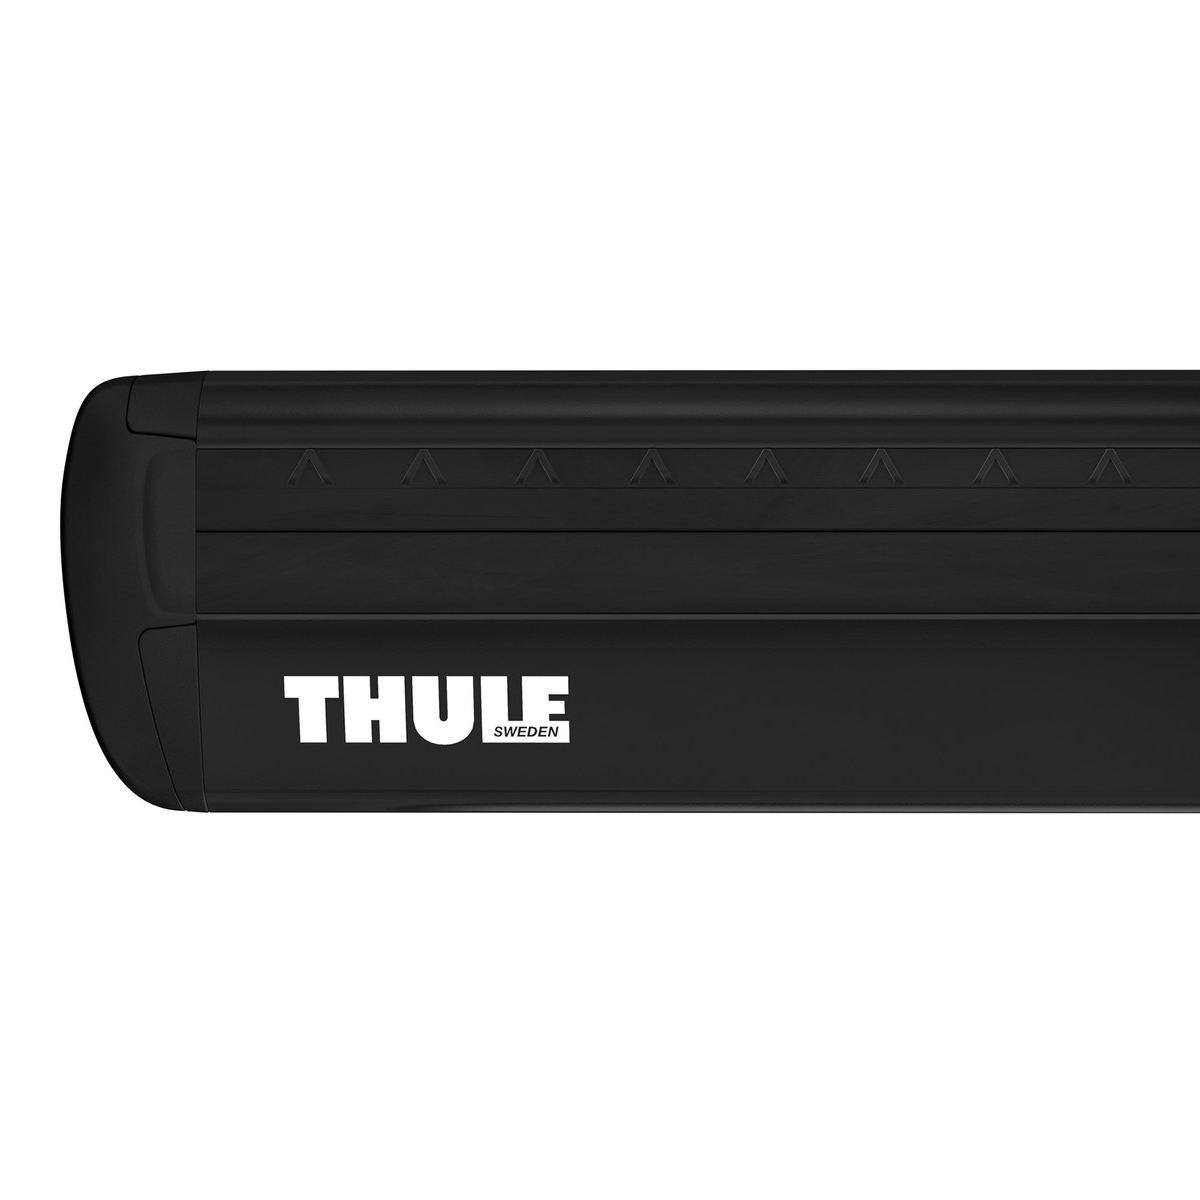 Напречни греди Thule Evo Raised Rail WingBar Evo 127cm в Черно за FIAT Stilo Uproad 5 врати SUV 02-07, с фабрични надлъжни греди с просвет 6